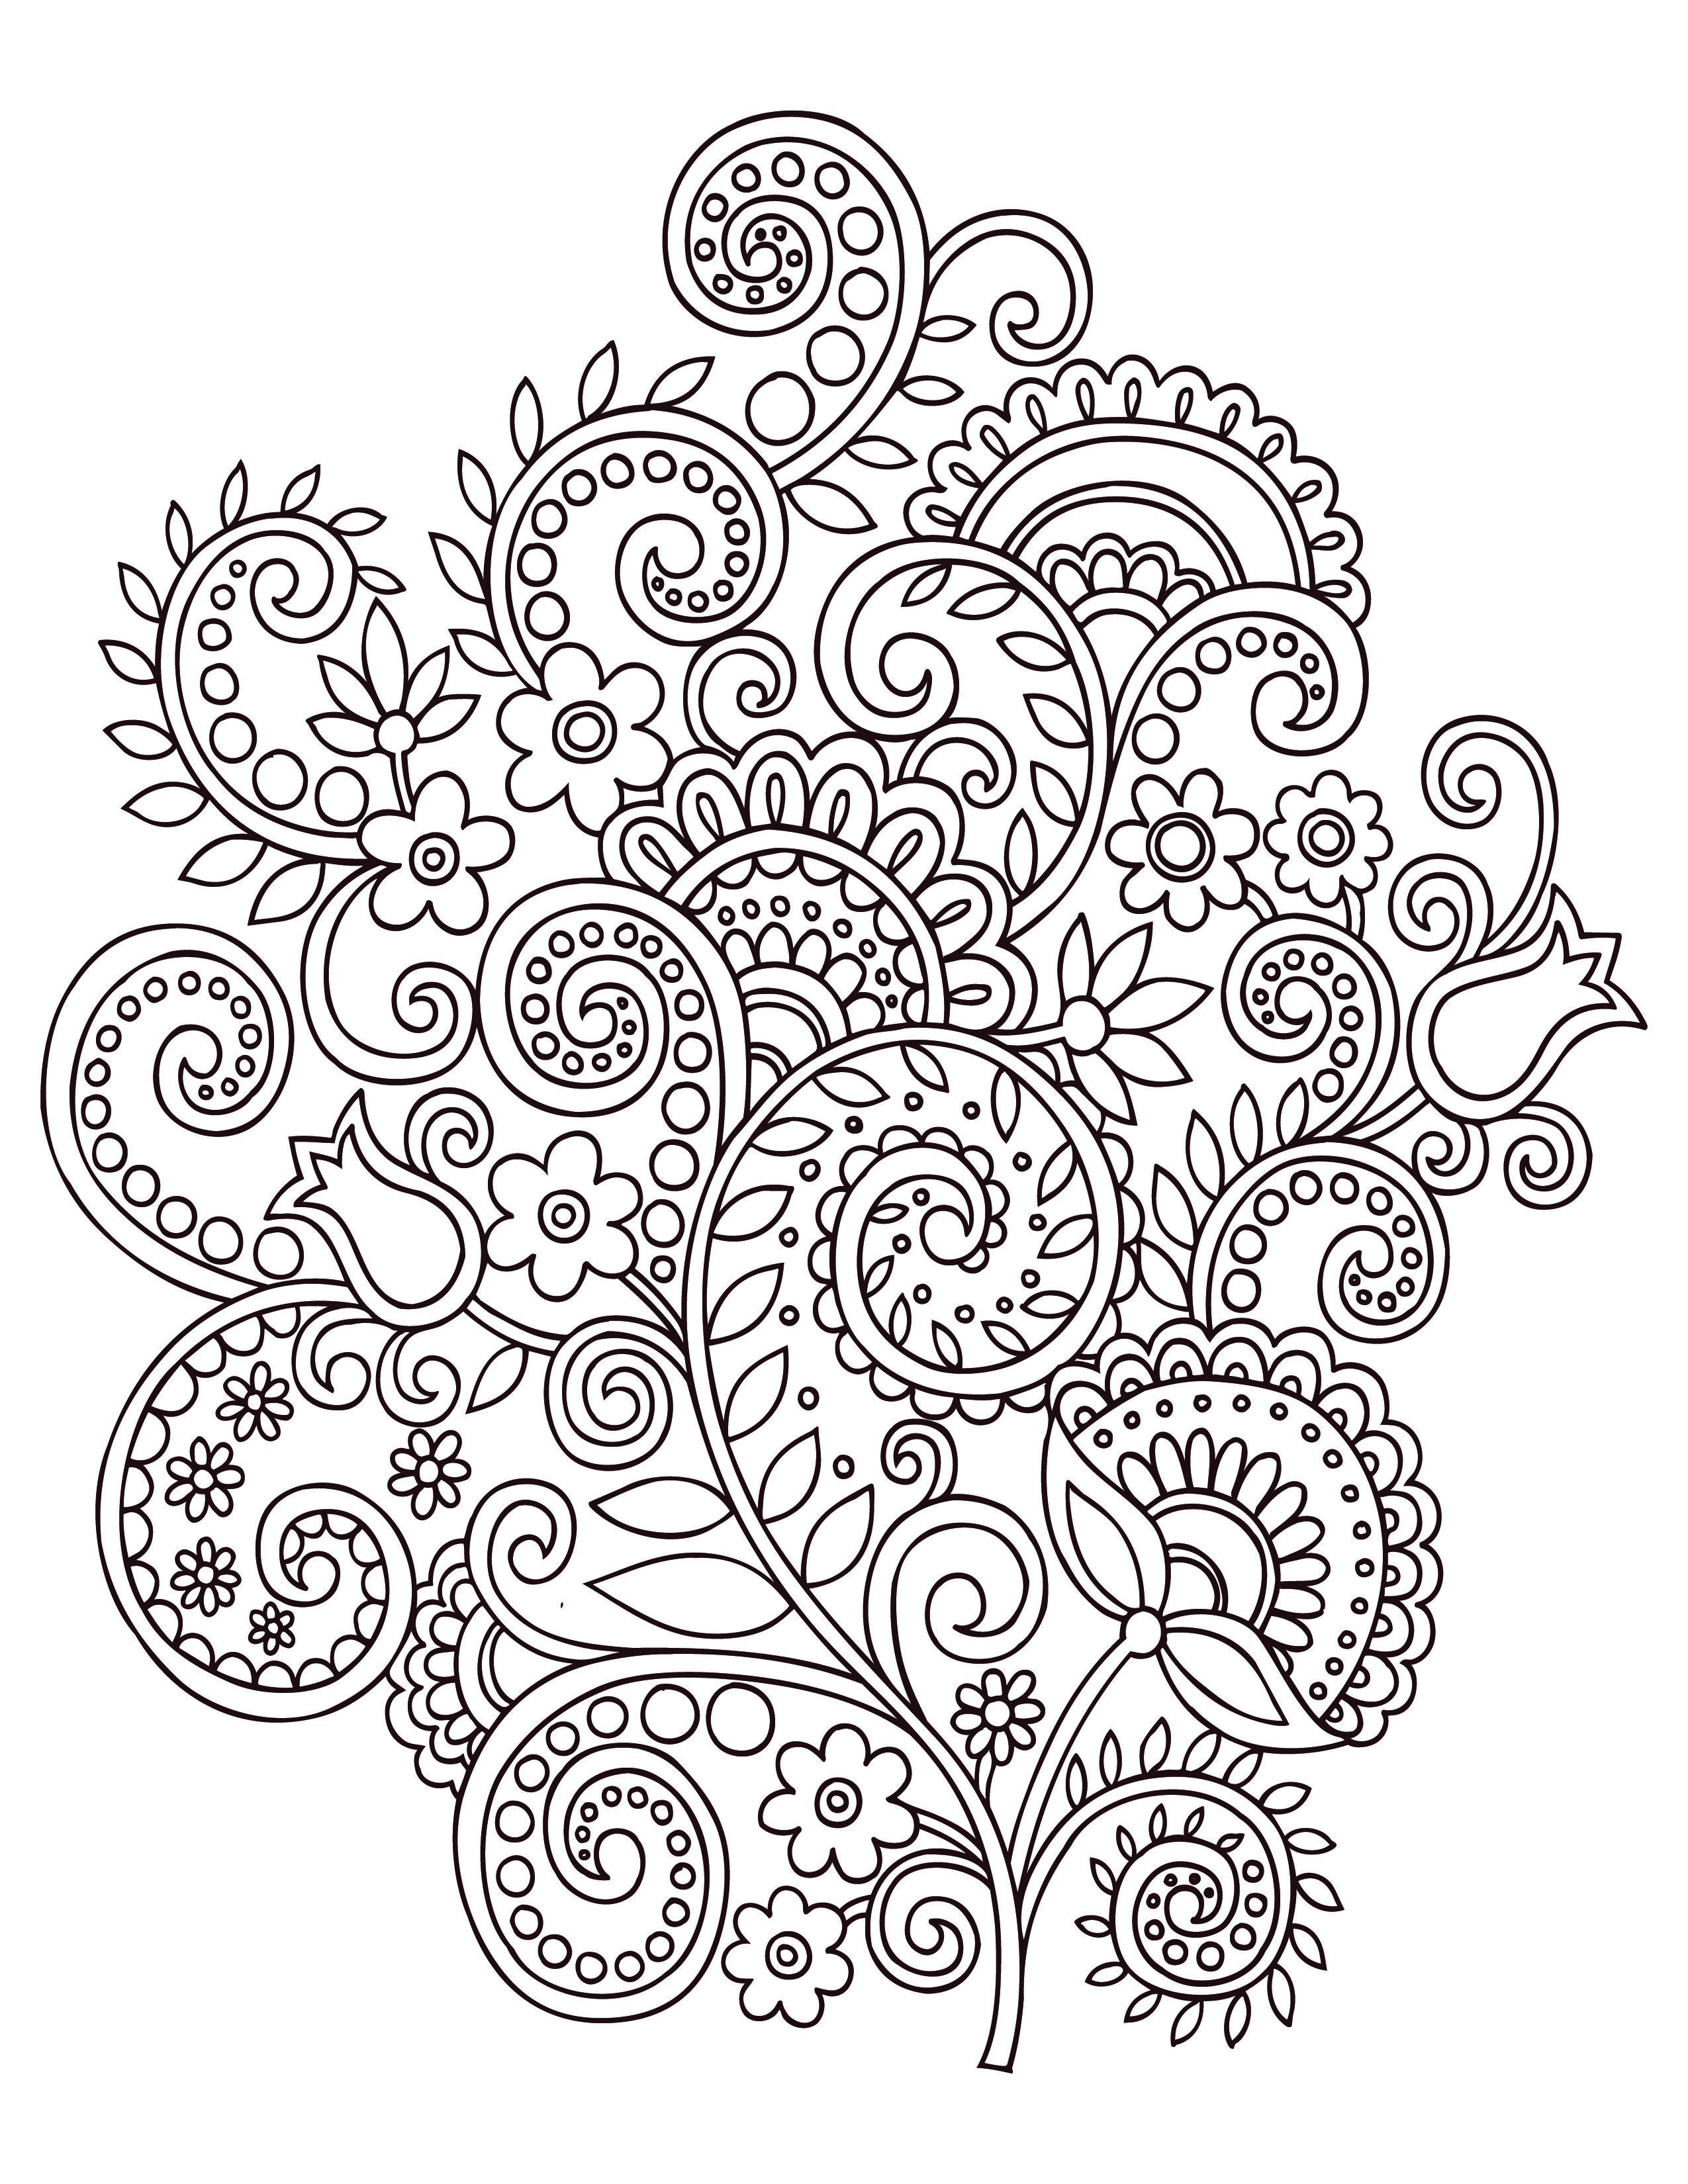 fleurs doodle coloriage anti stress gratuit artherapieca - Dessins Anti Stress